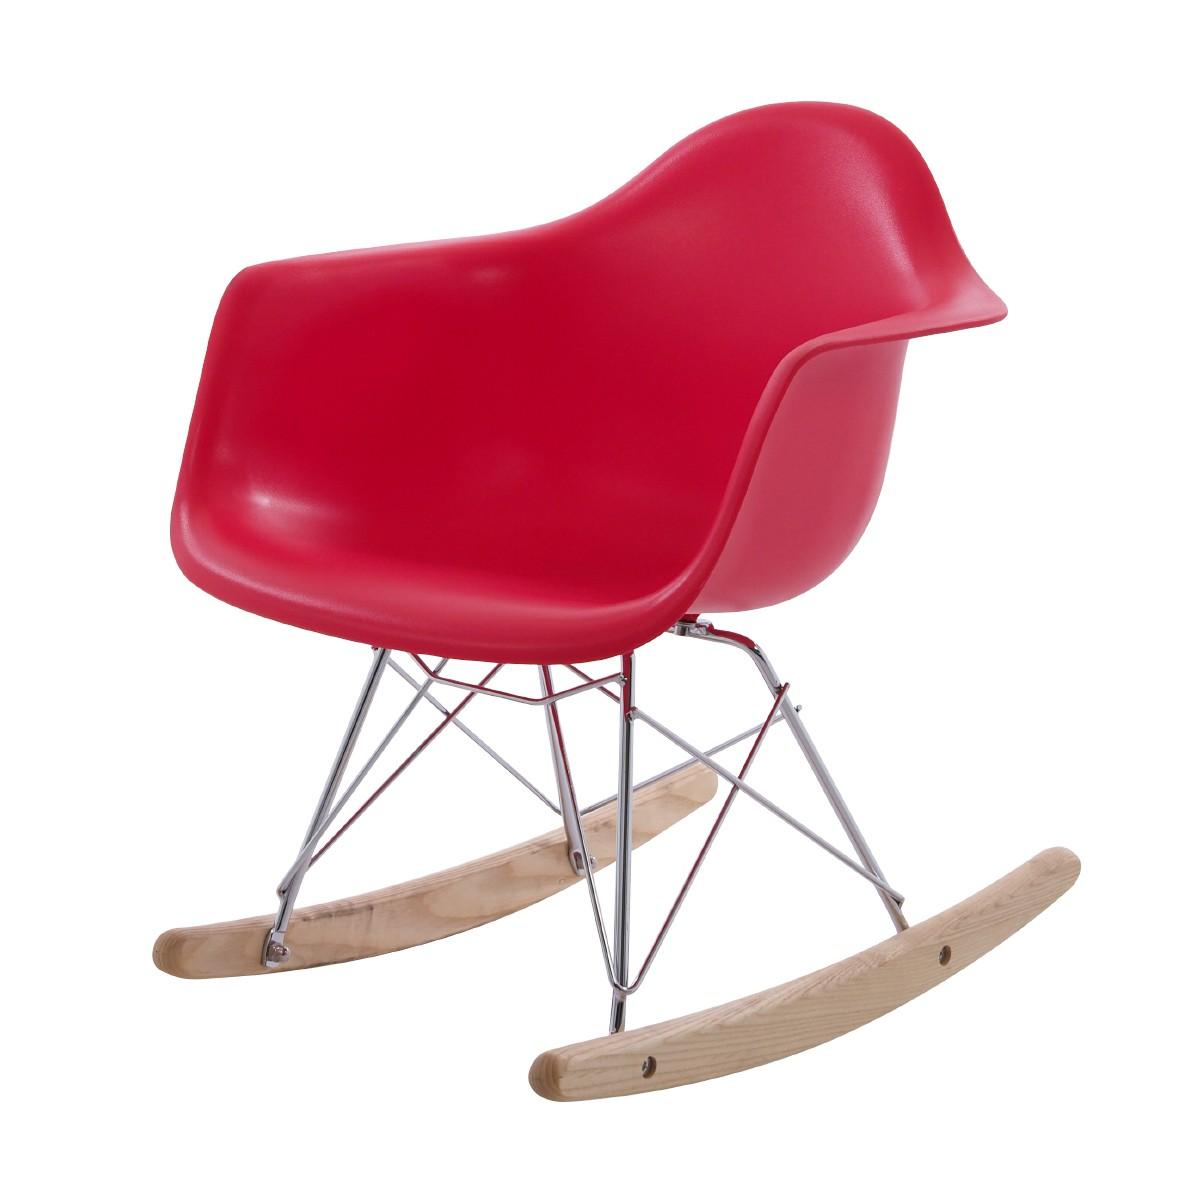 Charles eames sedia a dondolo rar junior design sedia a - Sedia a dondolo disegno ...